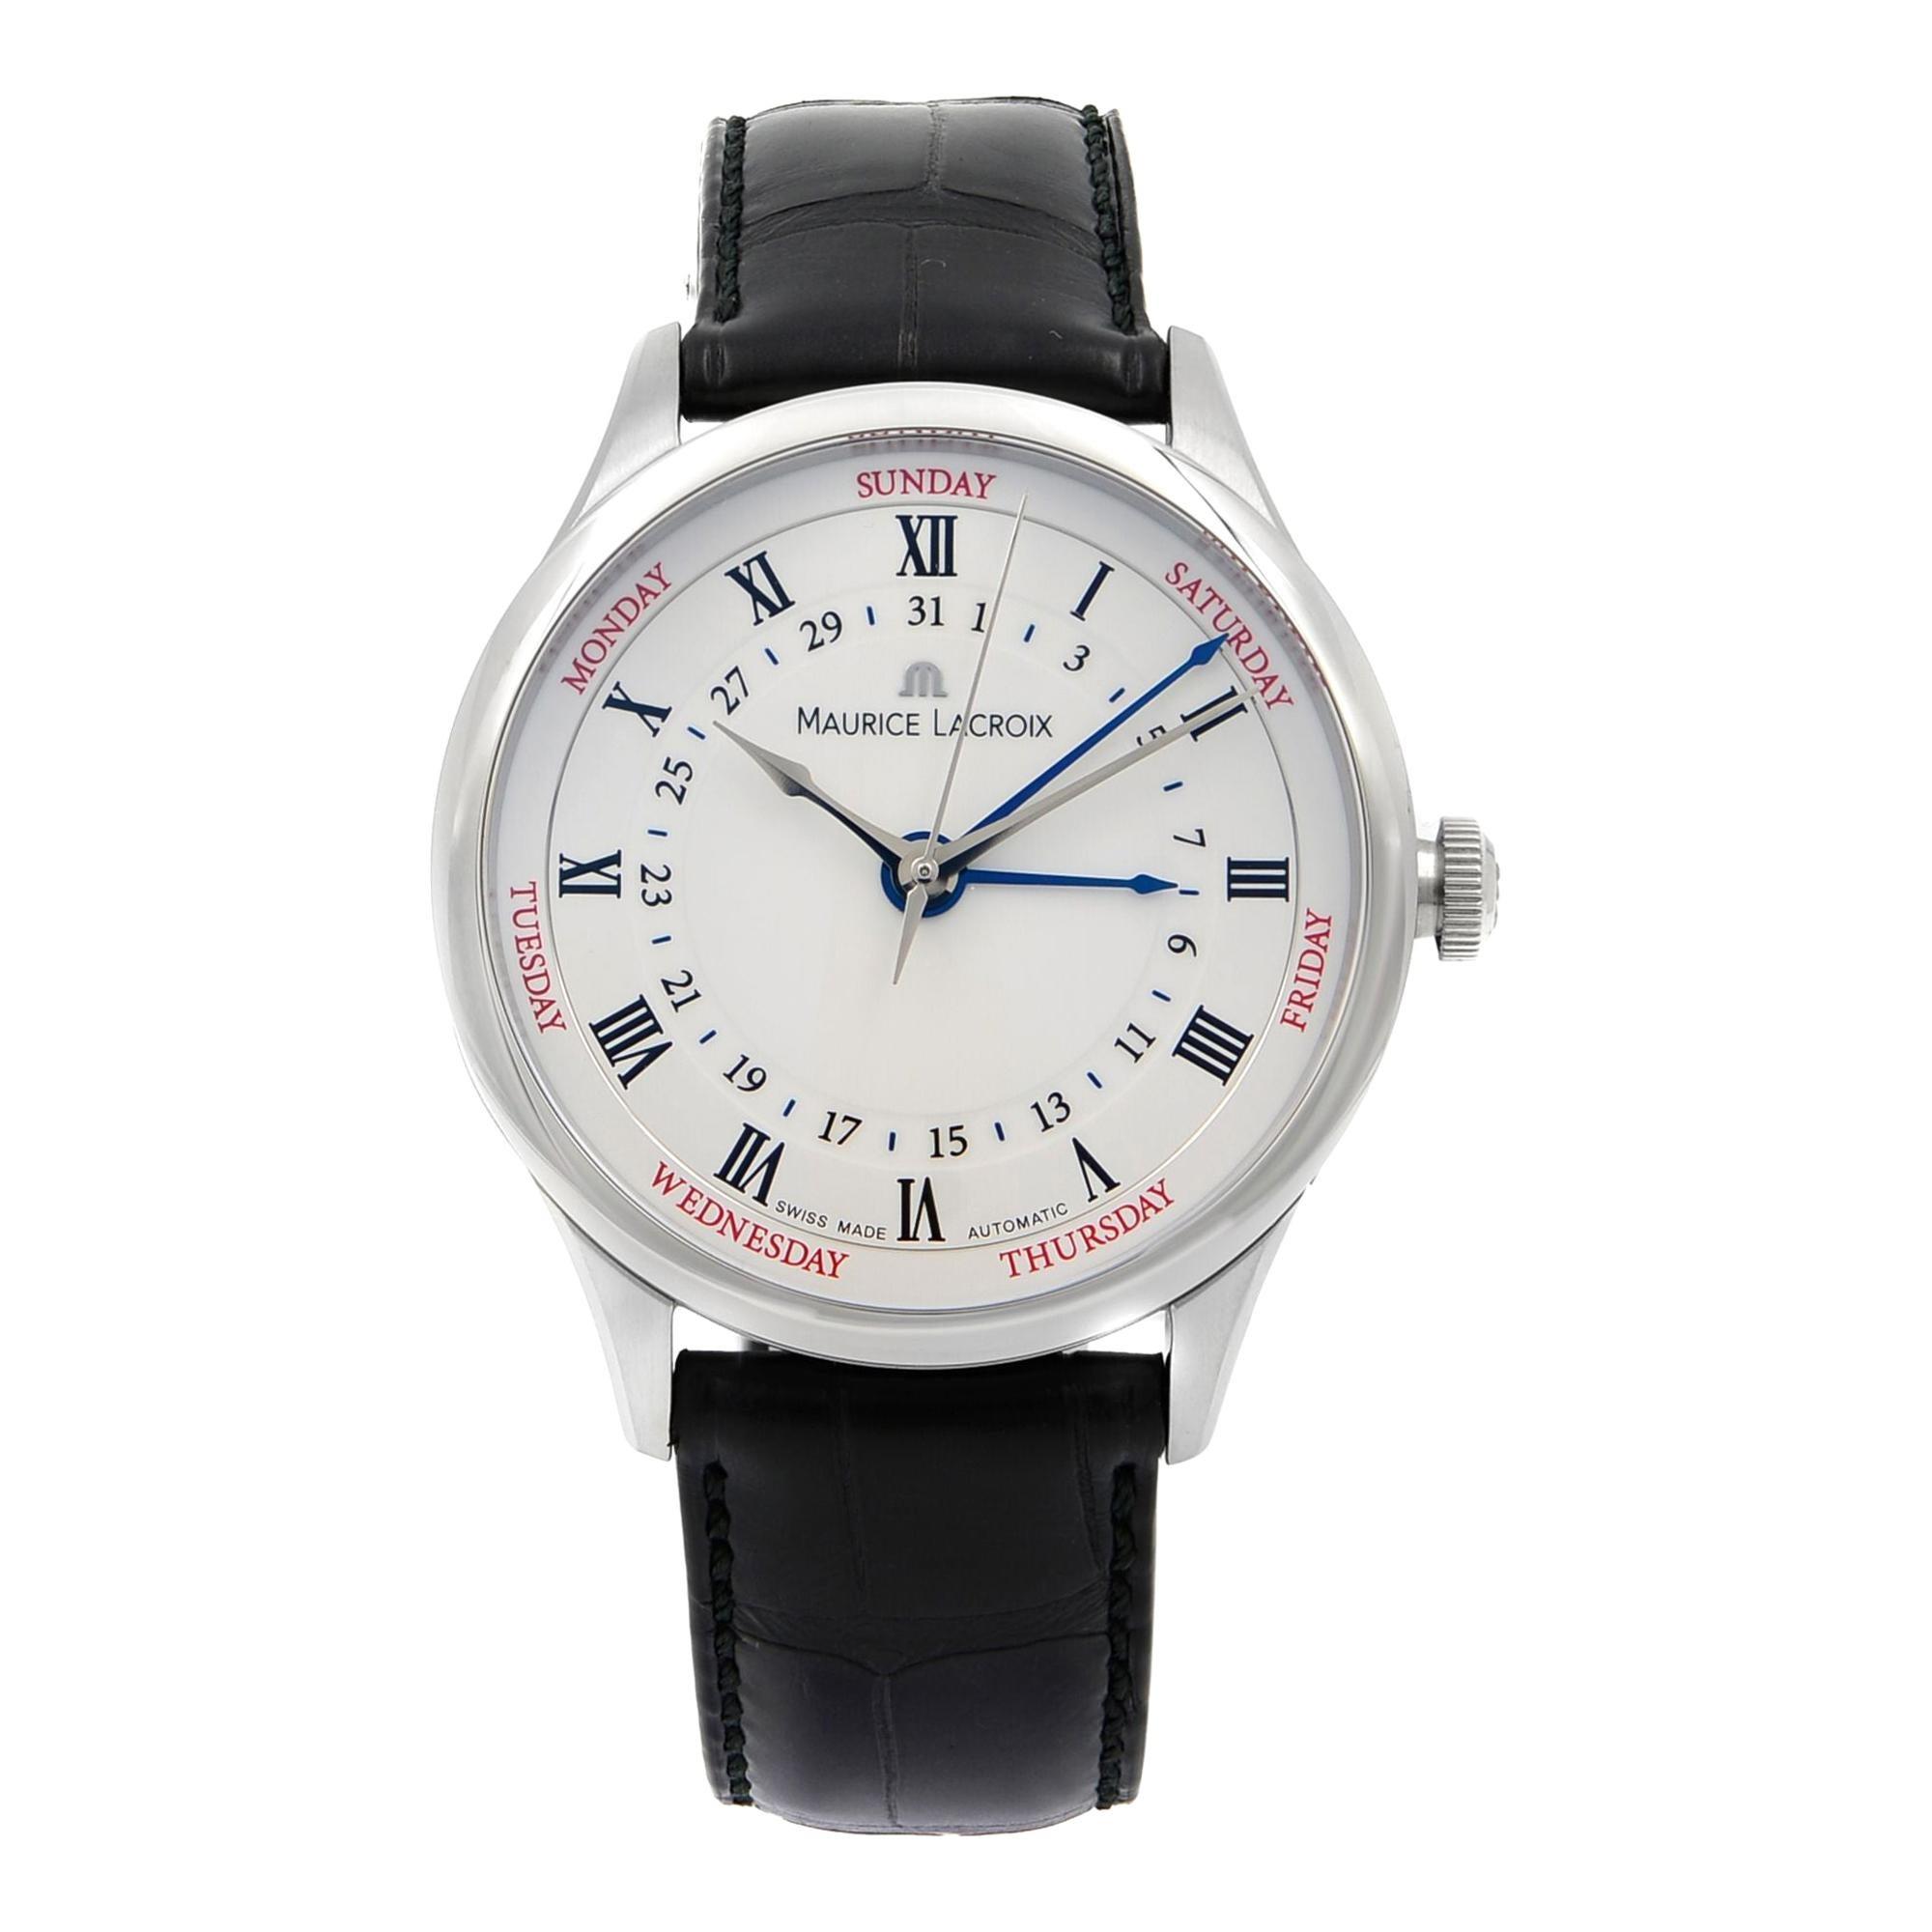 Maurice Lacroix Ss001 Masterpiece Steel 112 Cinq Watch Aiguilles Men's Mp6507 tQsrdh